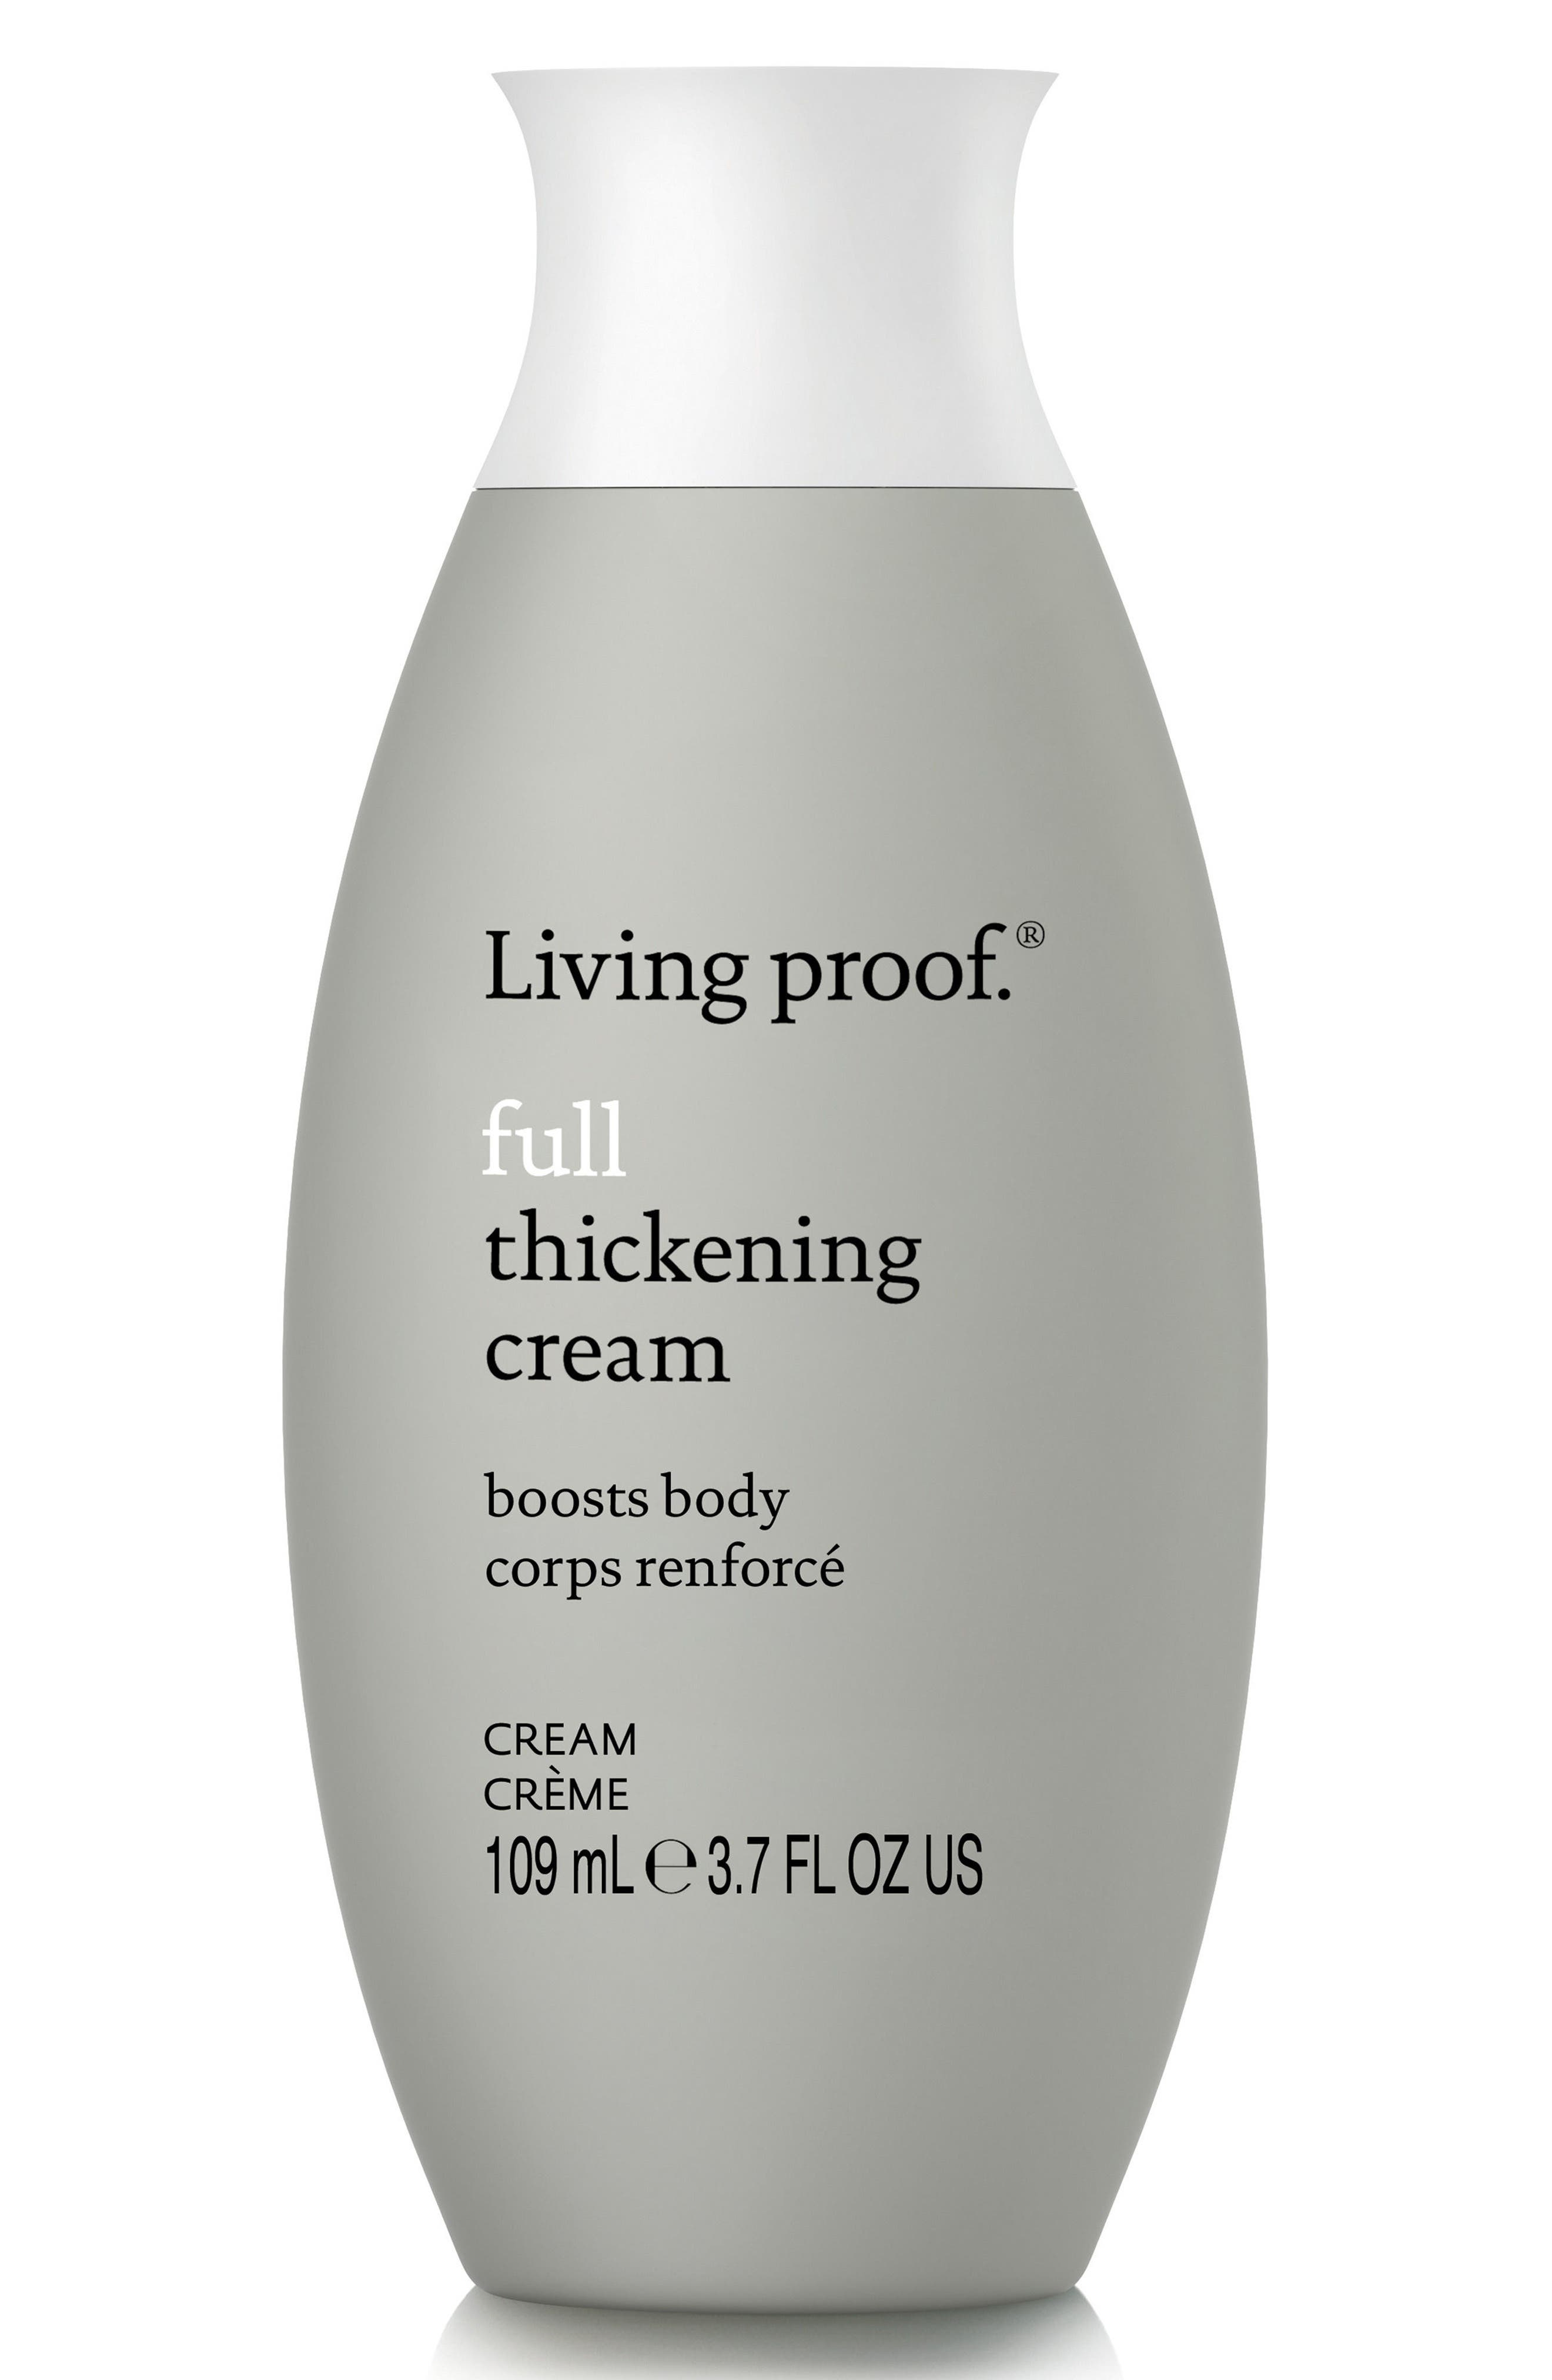 Myryam Crema De Day 2.275 oz Serum for Under Eye Treatment Provide Soft & Soothe Skin 0.5 oz by Amino Genesis